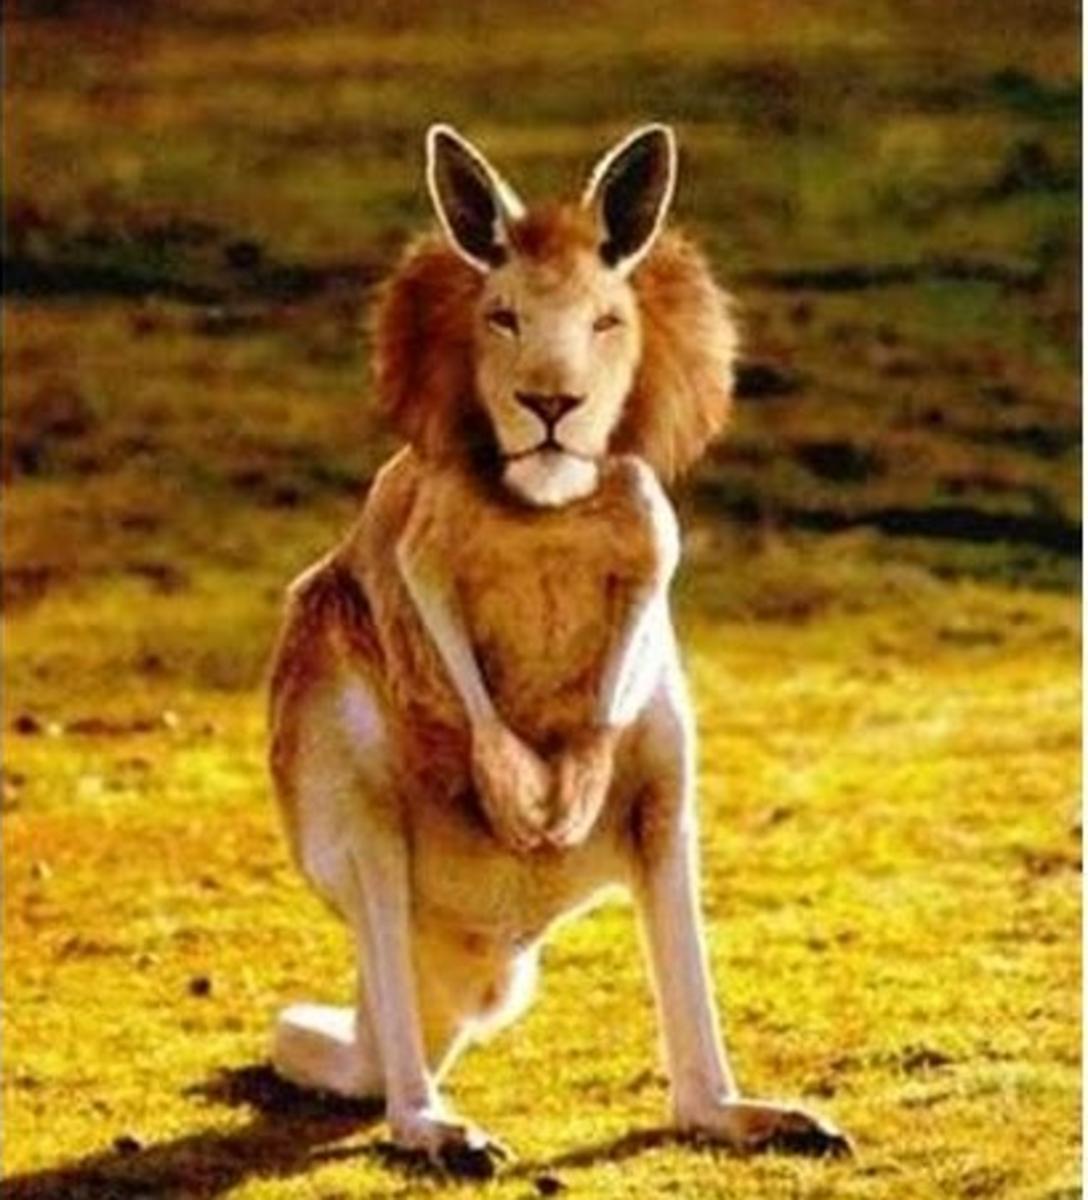 Kangaleo - a kind of Australian hopping lion